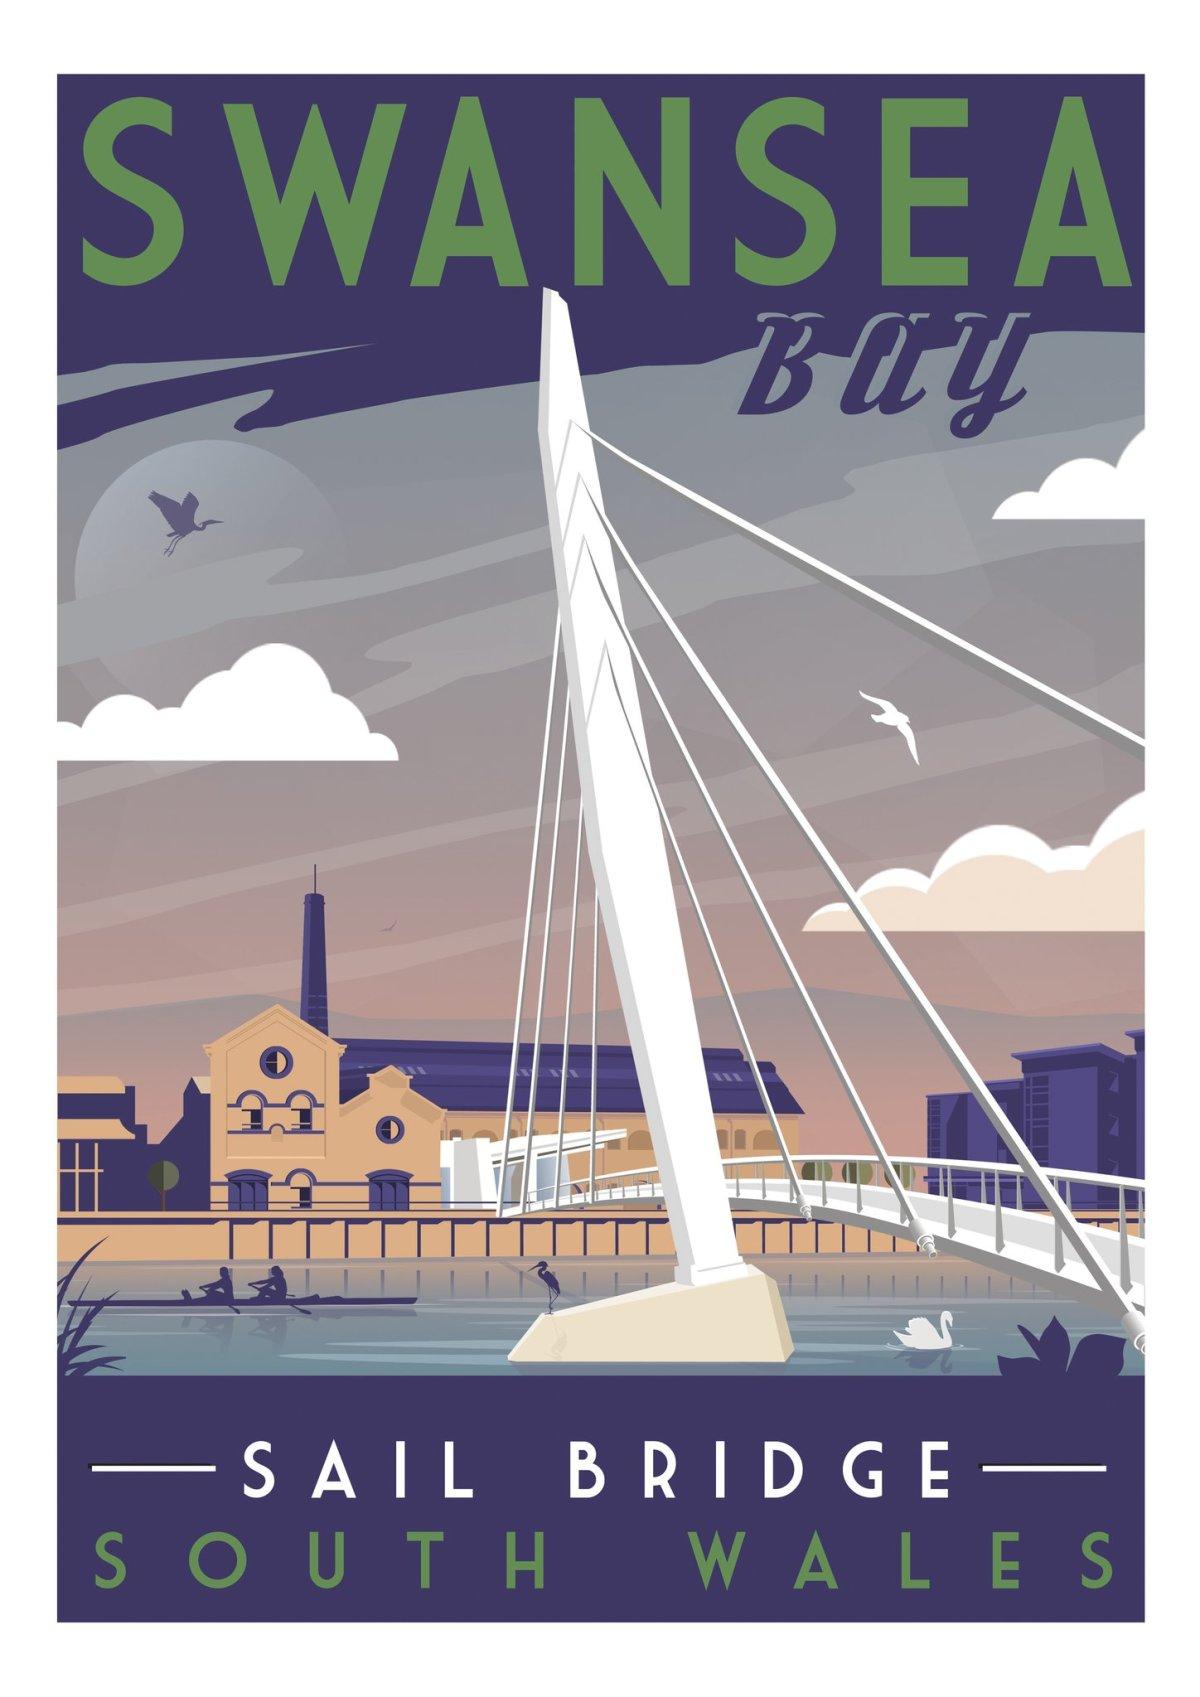 Swansea Sail Bridge - Gower Retro Art